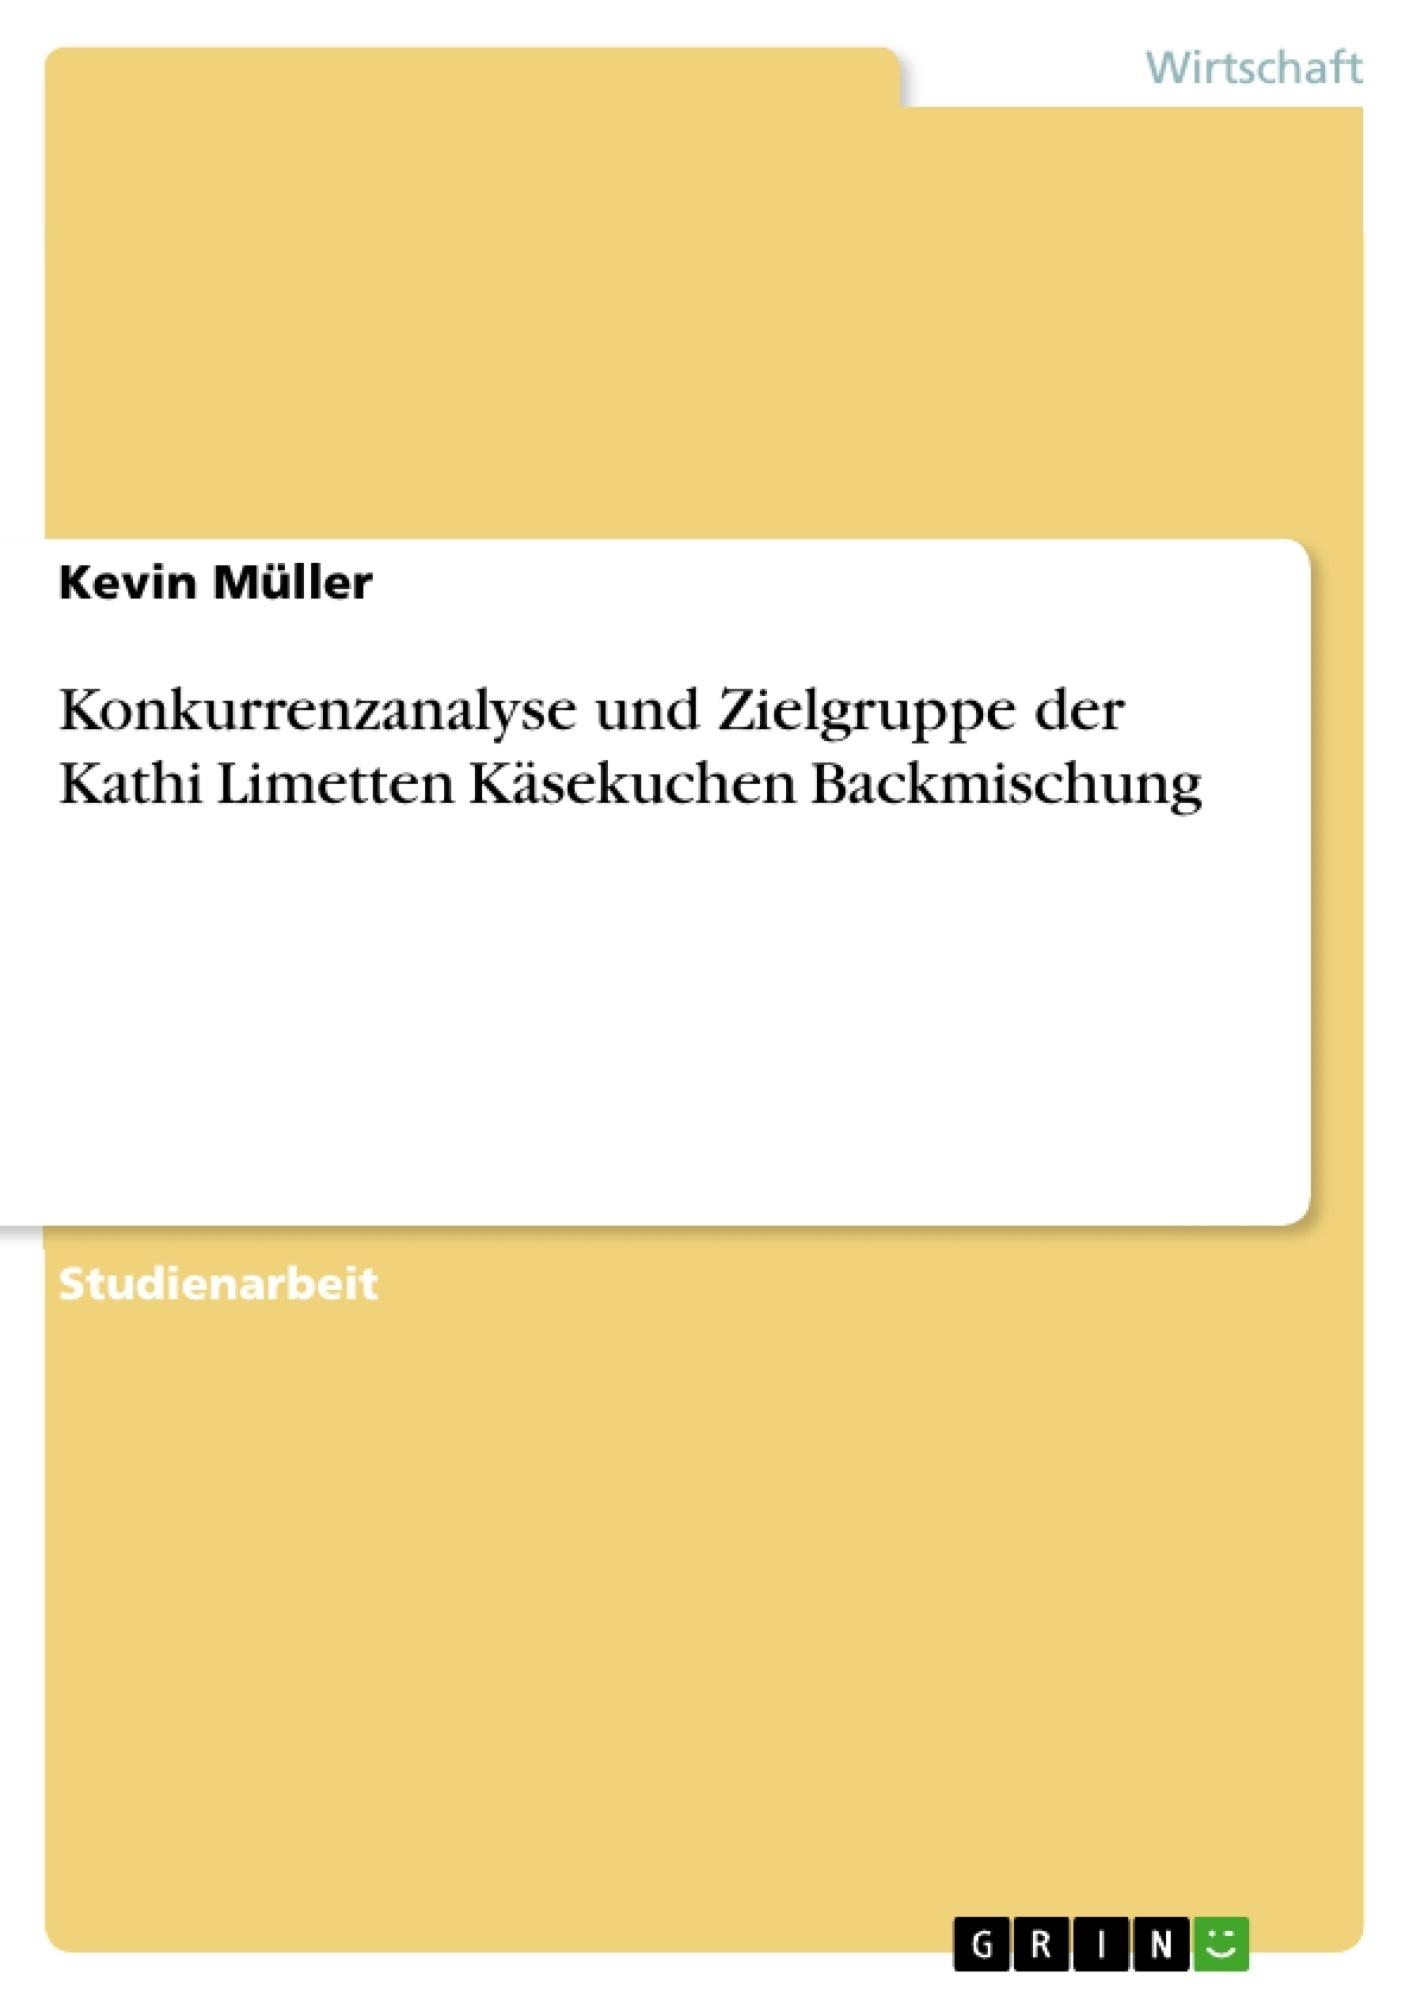 Titel: Konkurrenzanalyse und Zielgruppe der Kathi Limetten Käsekuchen Backmischung